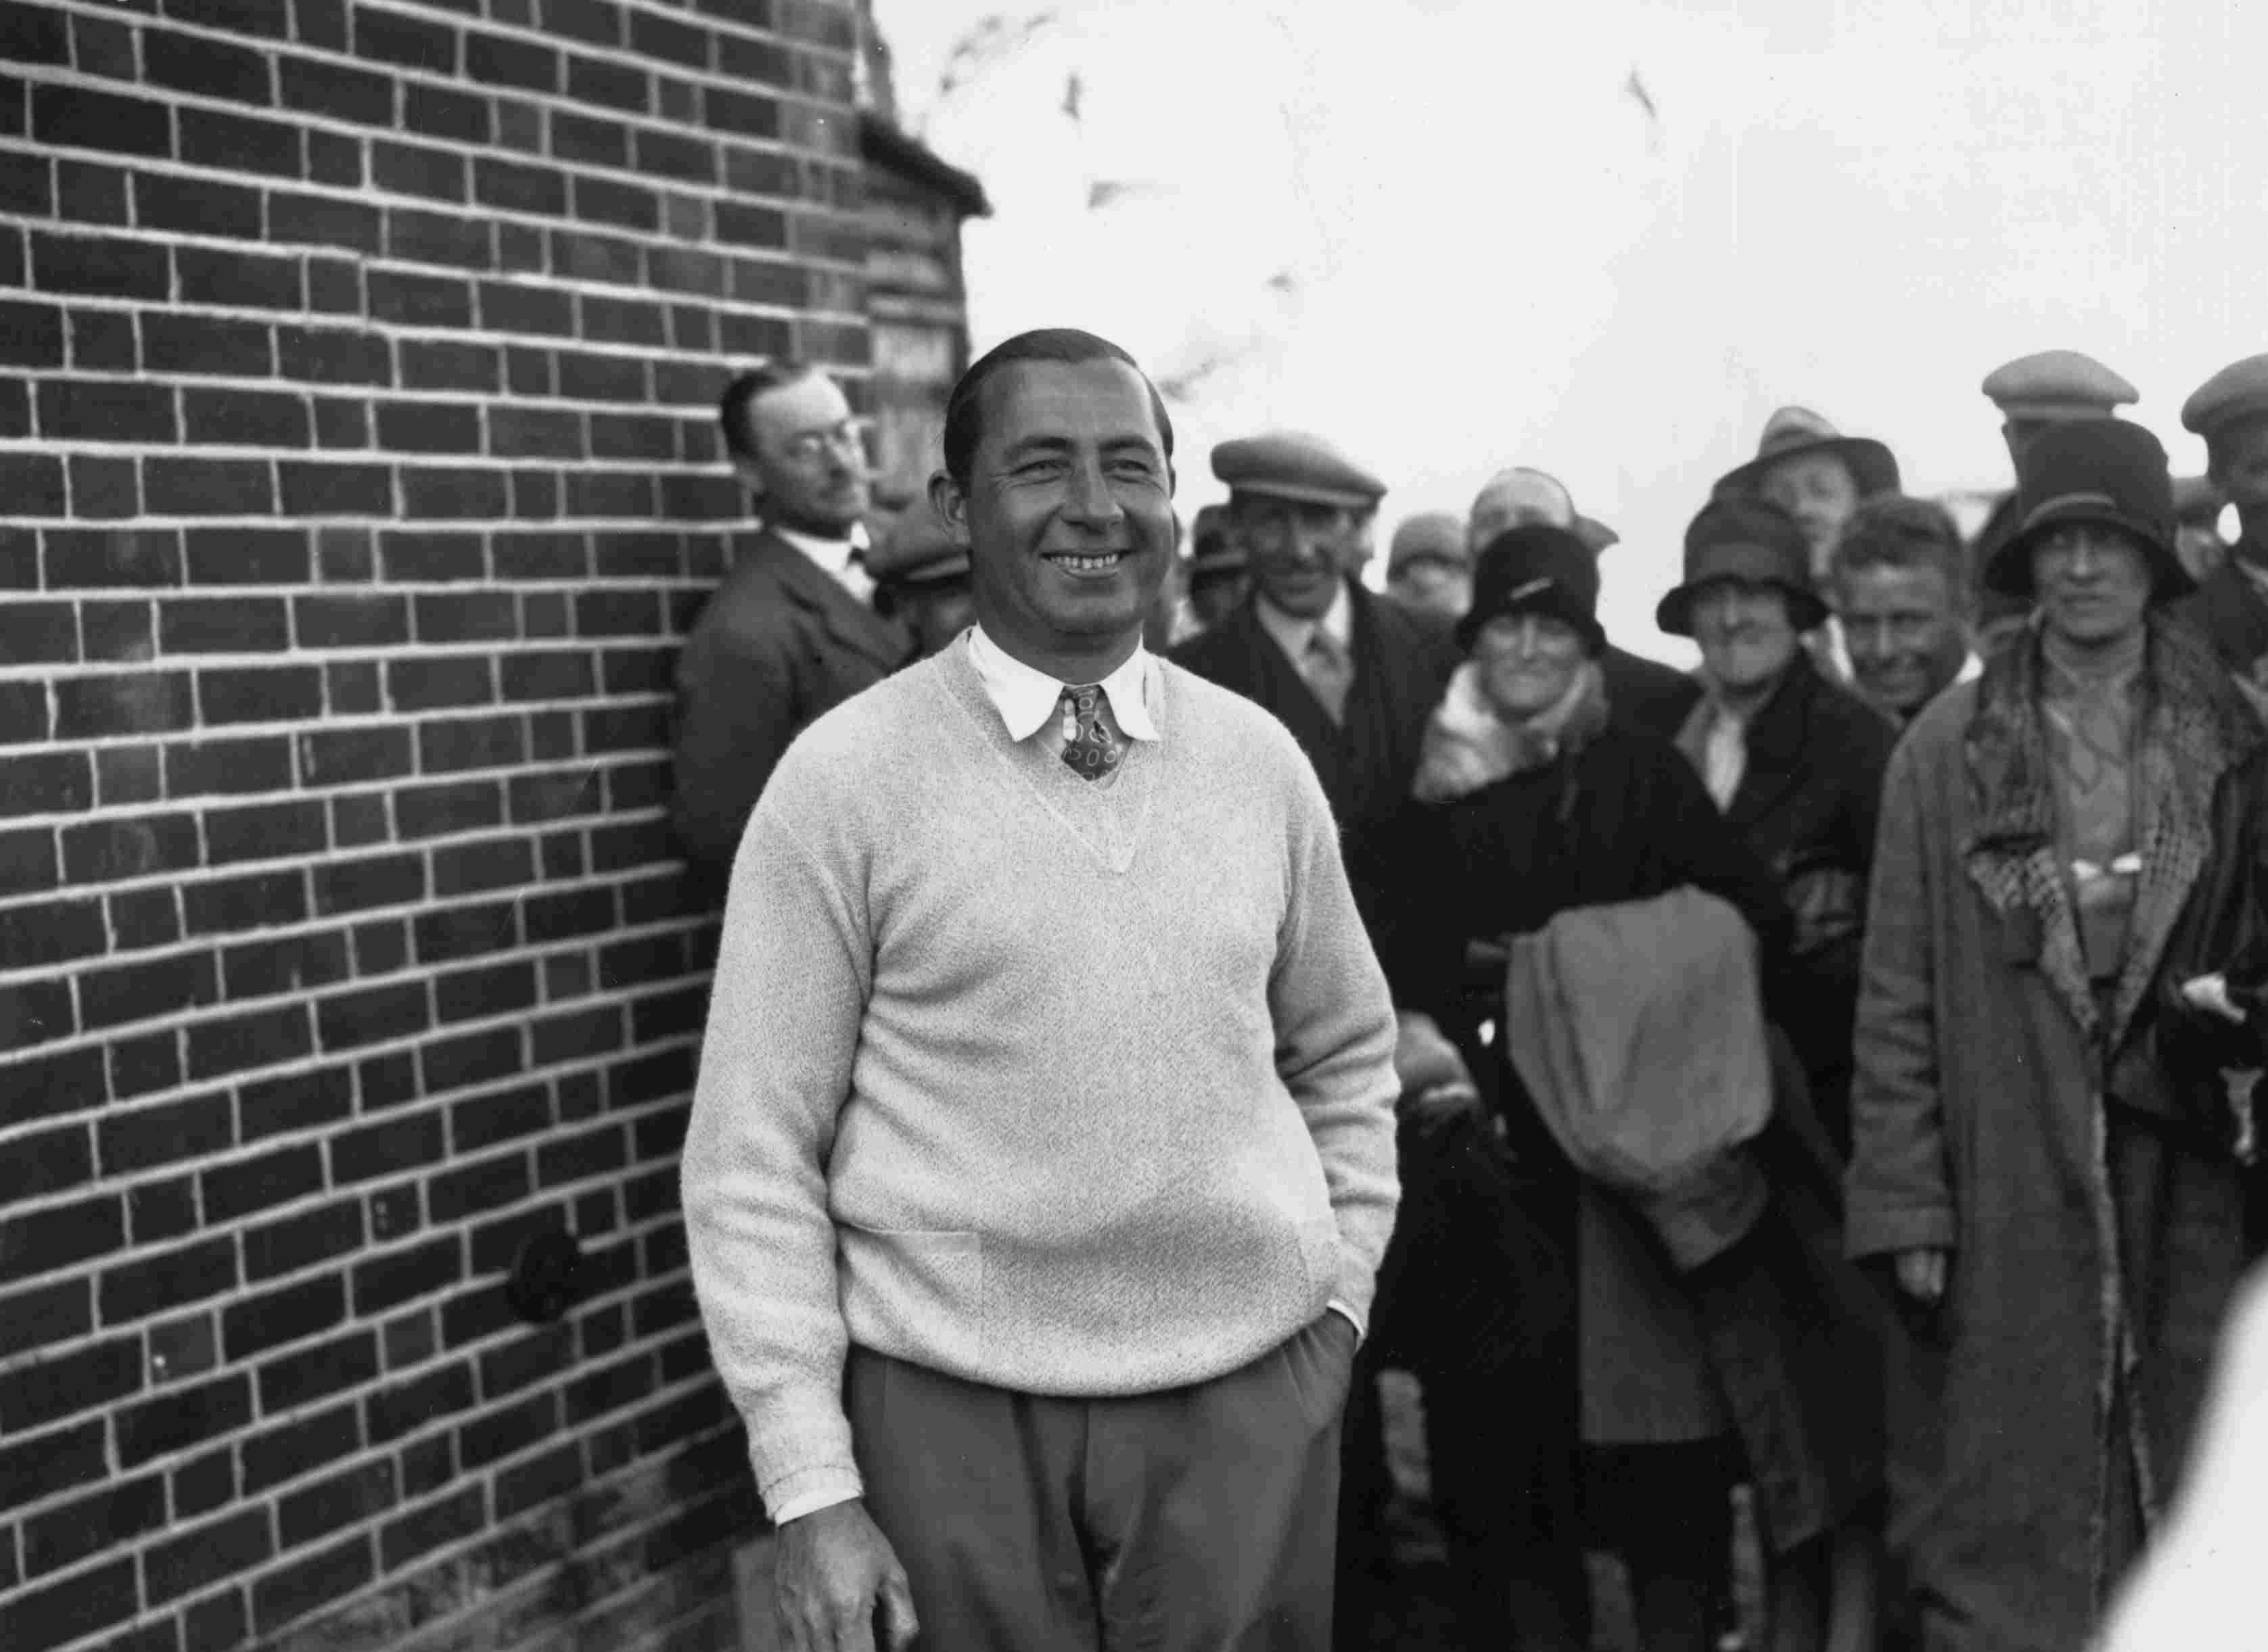 Golfer Walter Hagen pictured in 1928.